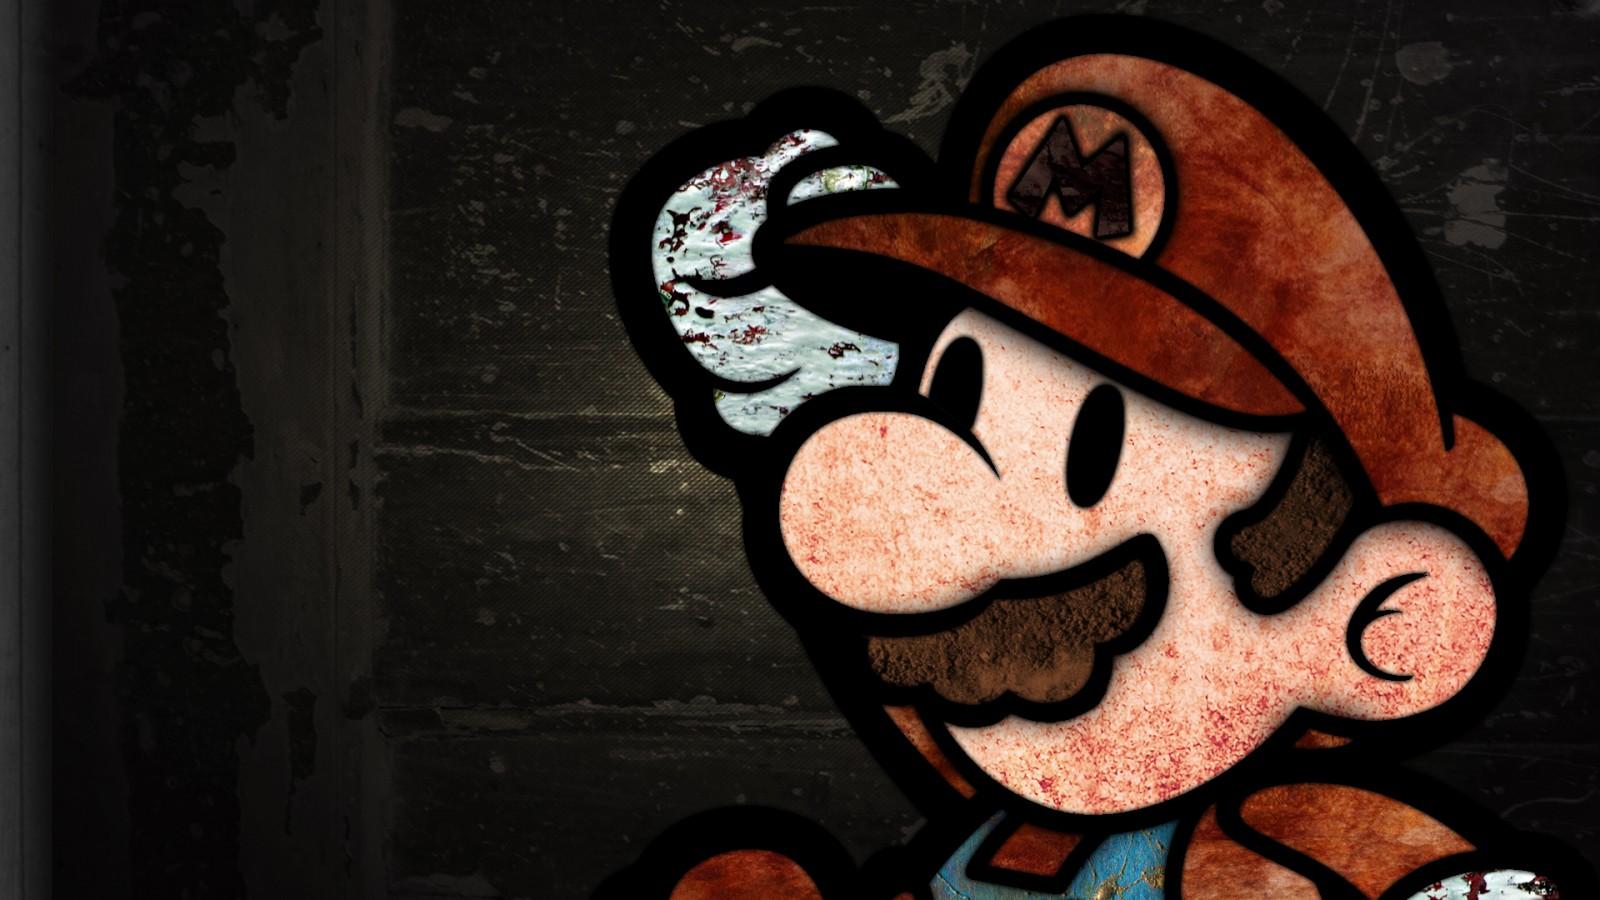 http://2.bp.blogspot.com/-pDVG89H3pVo/UAi-3O4W4II/AAAAAAAAAOo/bVOH7RQKh8w/s1600/Mario-mario-wallpaper-hd-games-1600x900.jpg